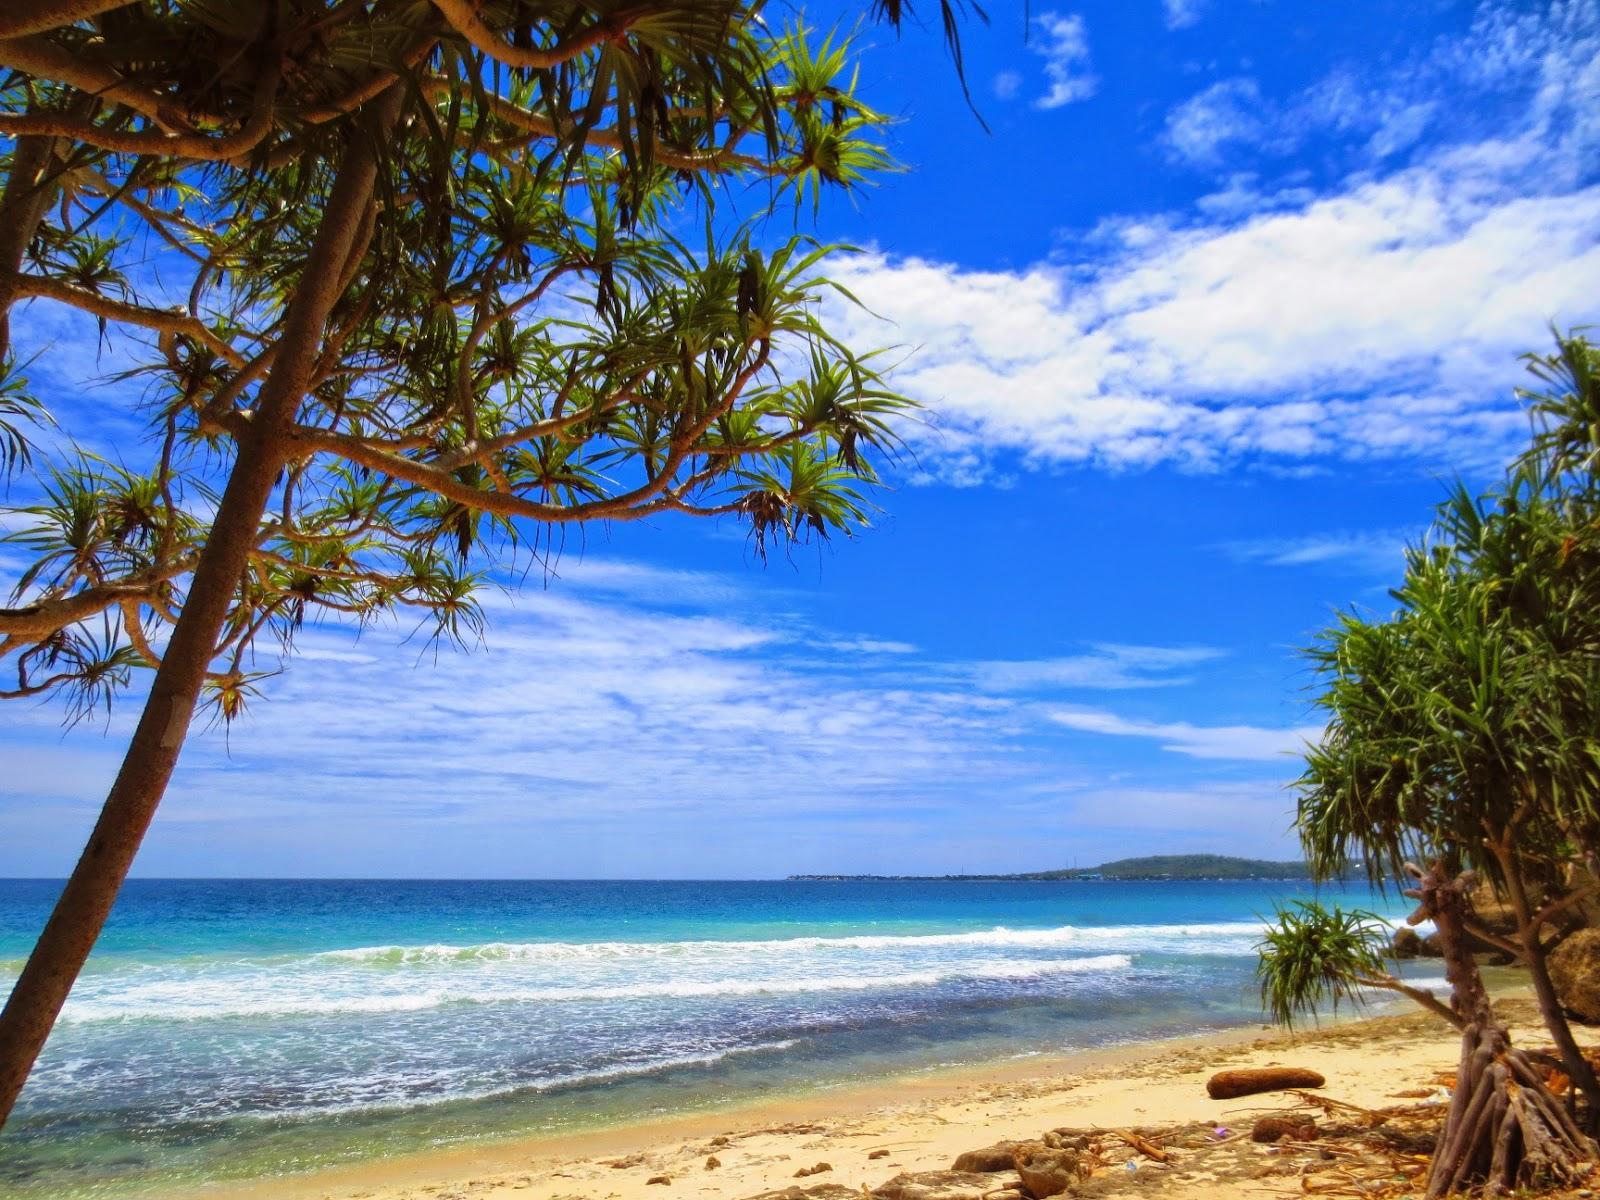 Pantai Dato Majene: Tebing Karang, Ombak, dan Pasir Putih